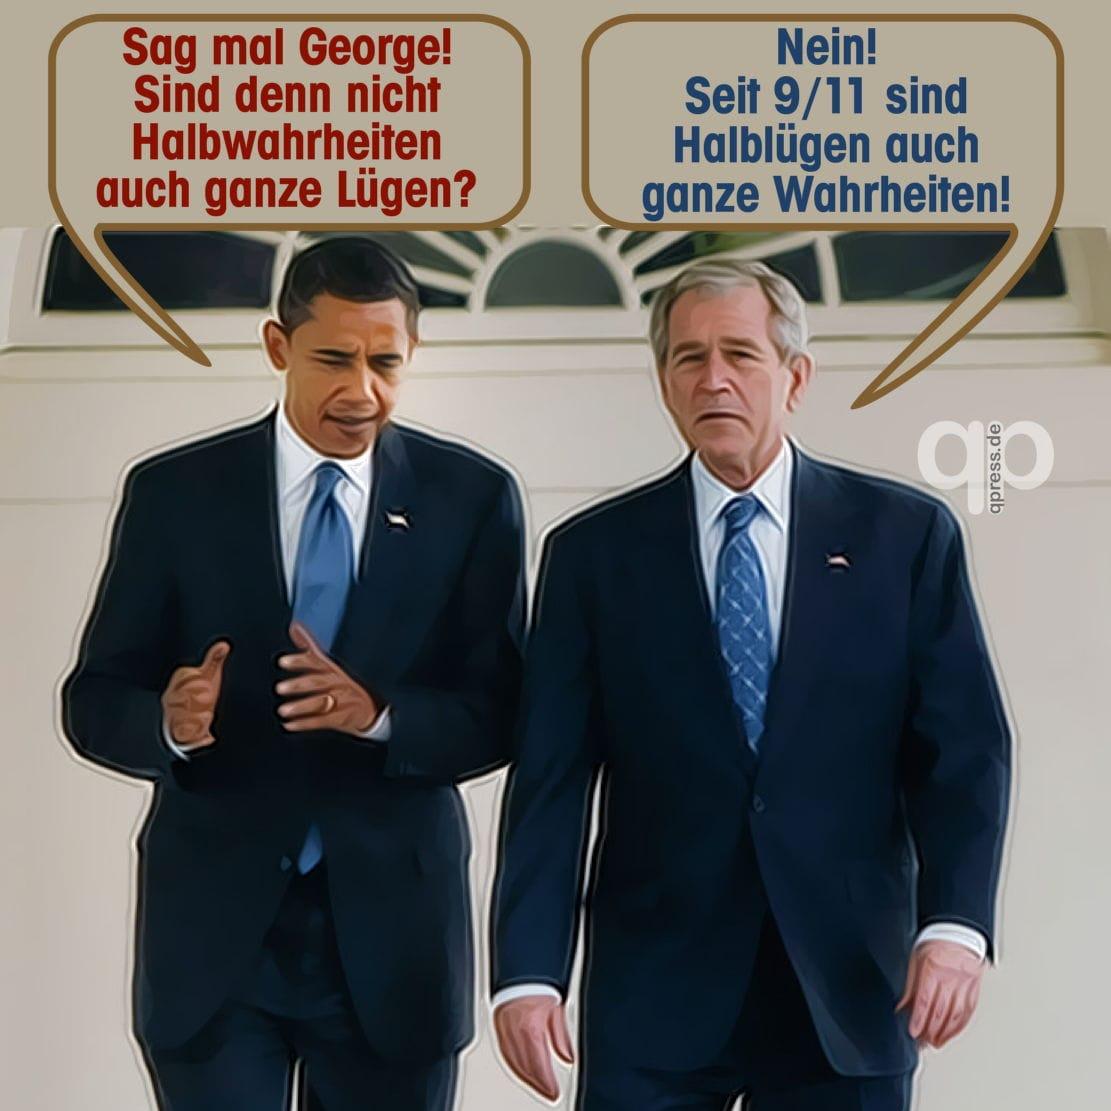 bush_obama_luegen_halbwahrheiten_911_usa_betrug_terror